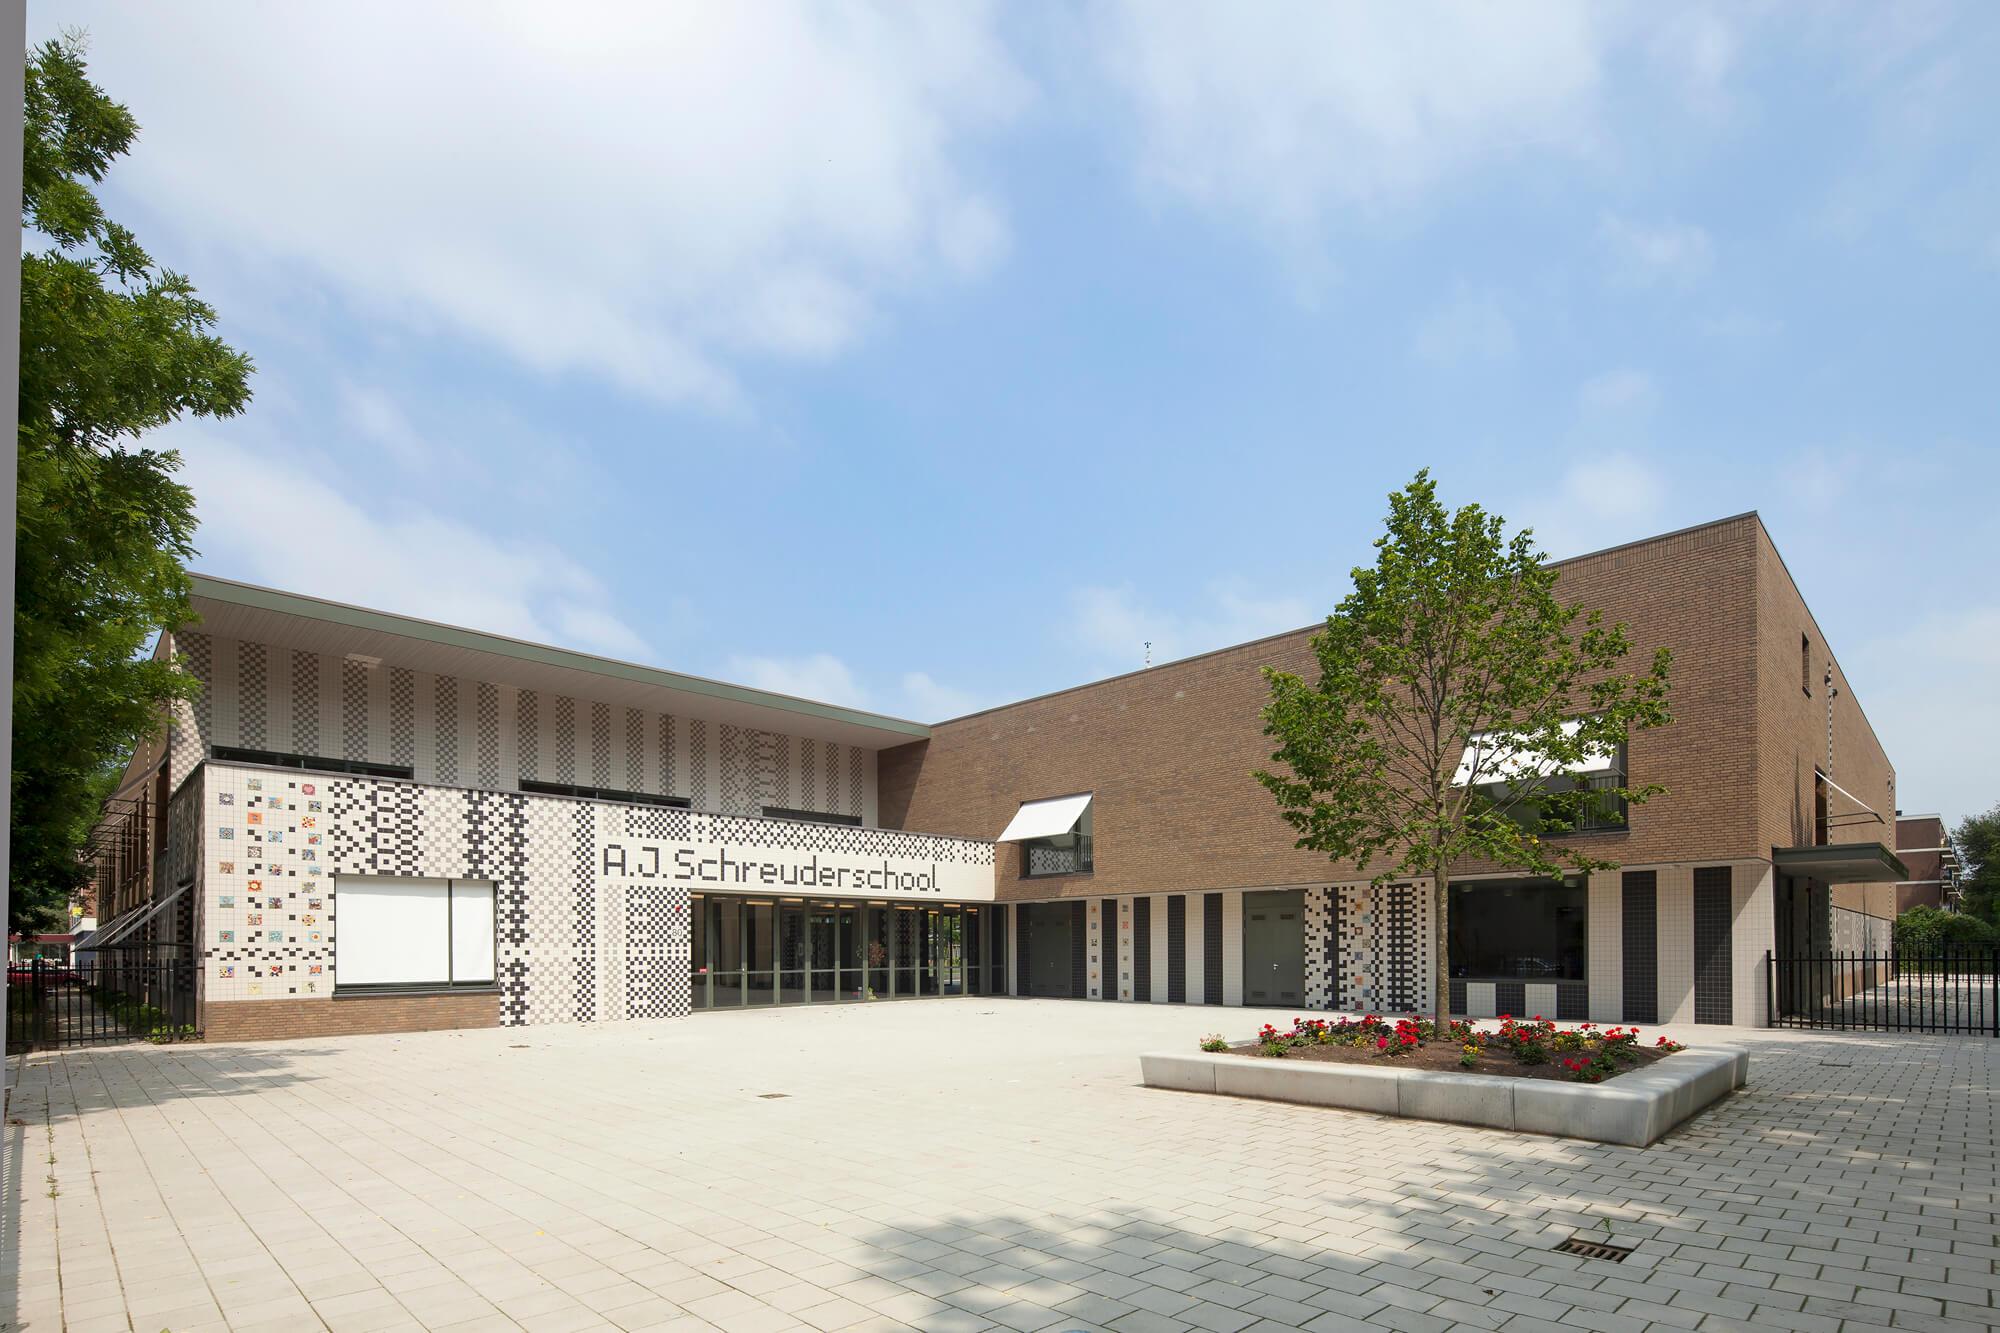 A.J. Schreuderschool, school voor Zeer Moeilijk Lerende Kinderen (ZMLK)